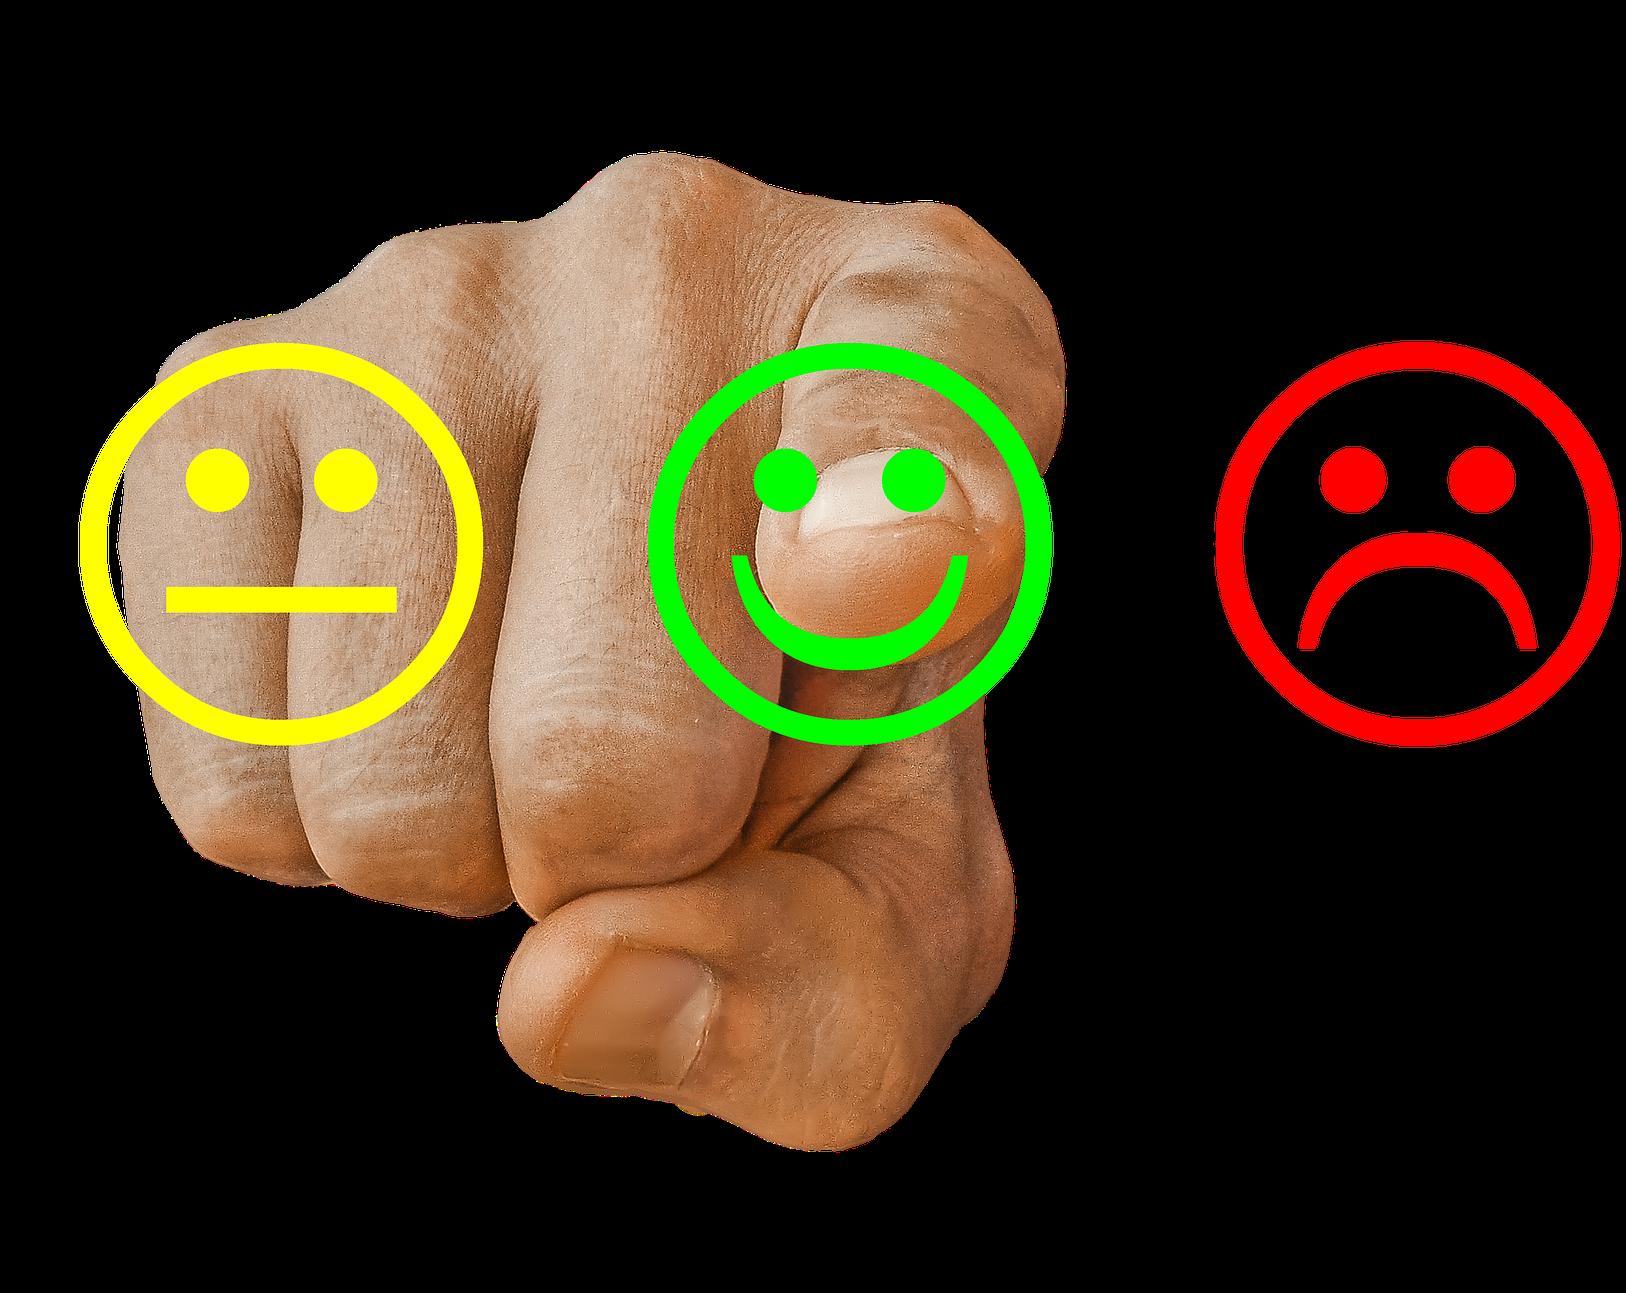 Kundundersökning tre smileys, neutral/nöjd/missnöjd, finger som pekar på nöjd